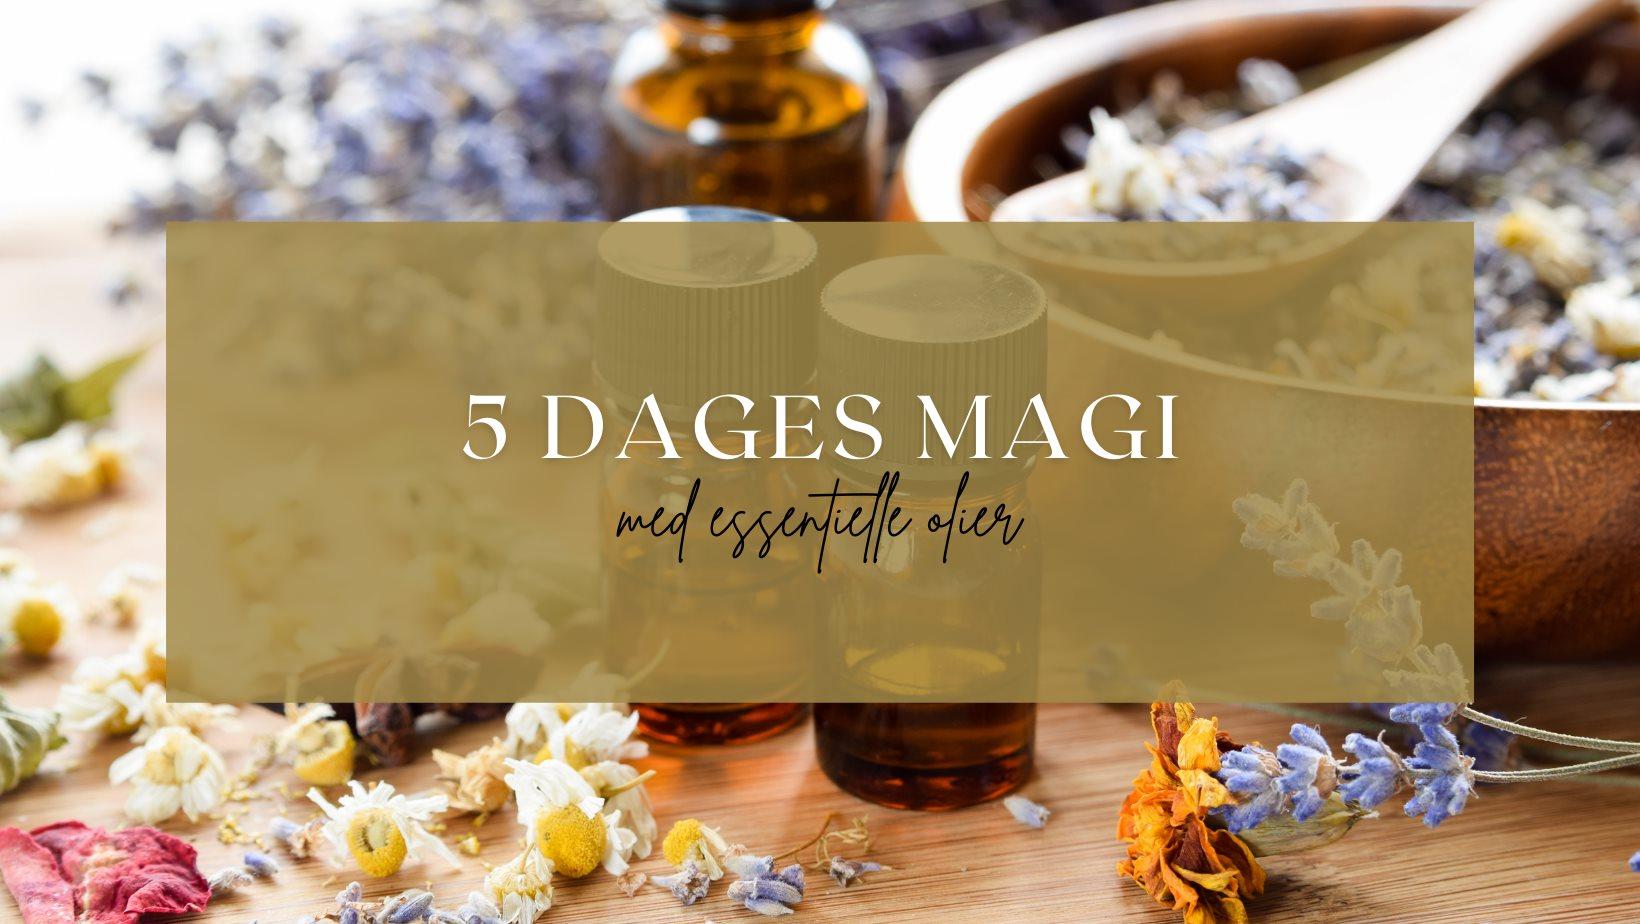 5 dages magi